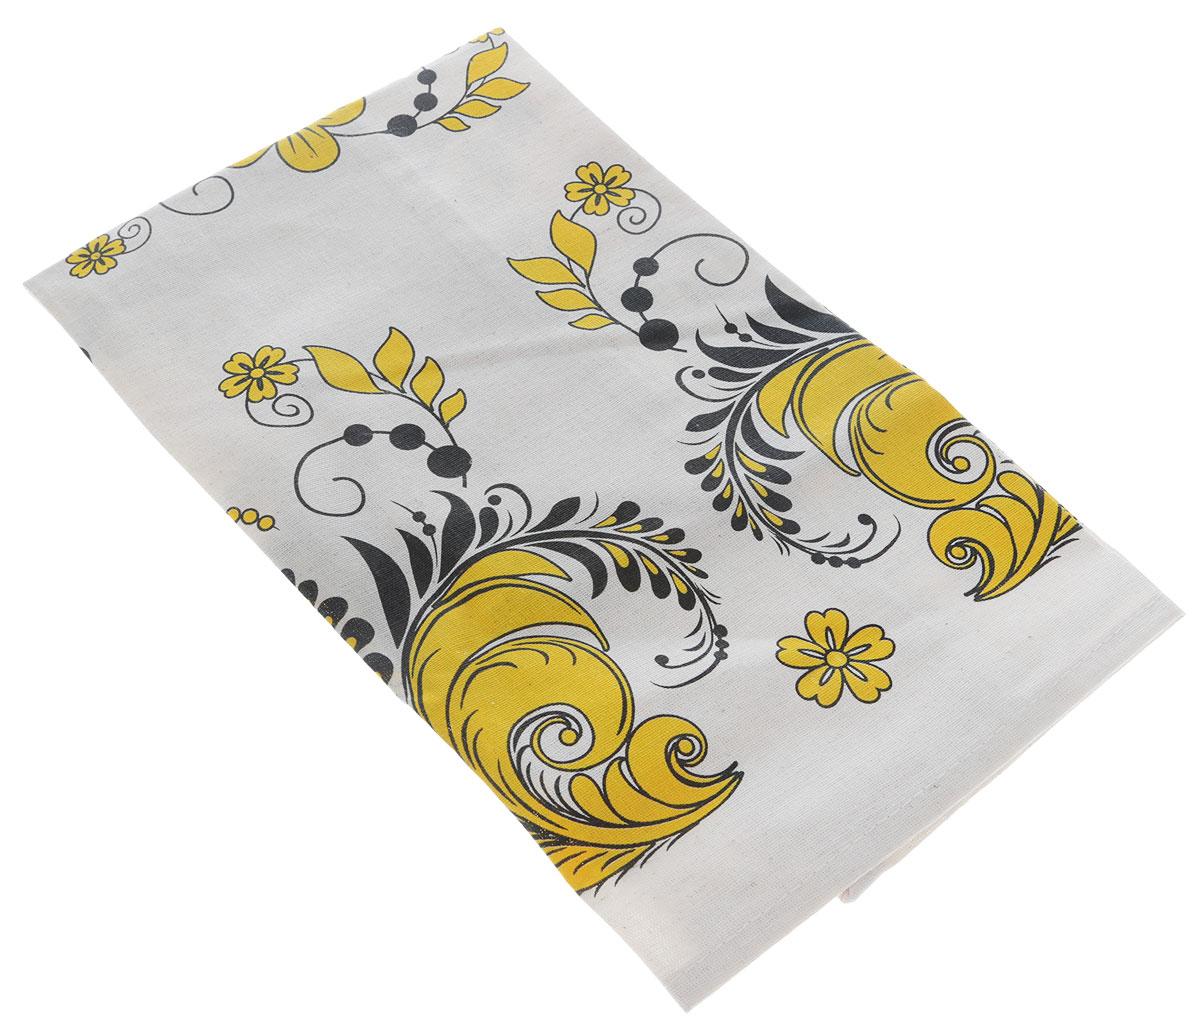 Полотенце кухонное LarangE От Шефа.Роспись, цвет: черный, желтый, 45 х 60 см627-003_черный, желтыйКухонное полотенце LarangE От Шефа. Роспись изготовлено из льна и хлопка и оформлено рисунком. Полотенце идеально впитывает влагу и сохраняет свою мягкость даже после многих стирок. Полотенце LarangE От Шефа - отличный вариант для практичной и современной хозяйки.